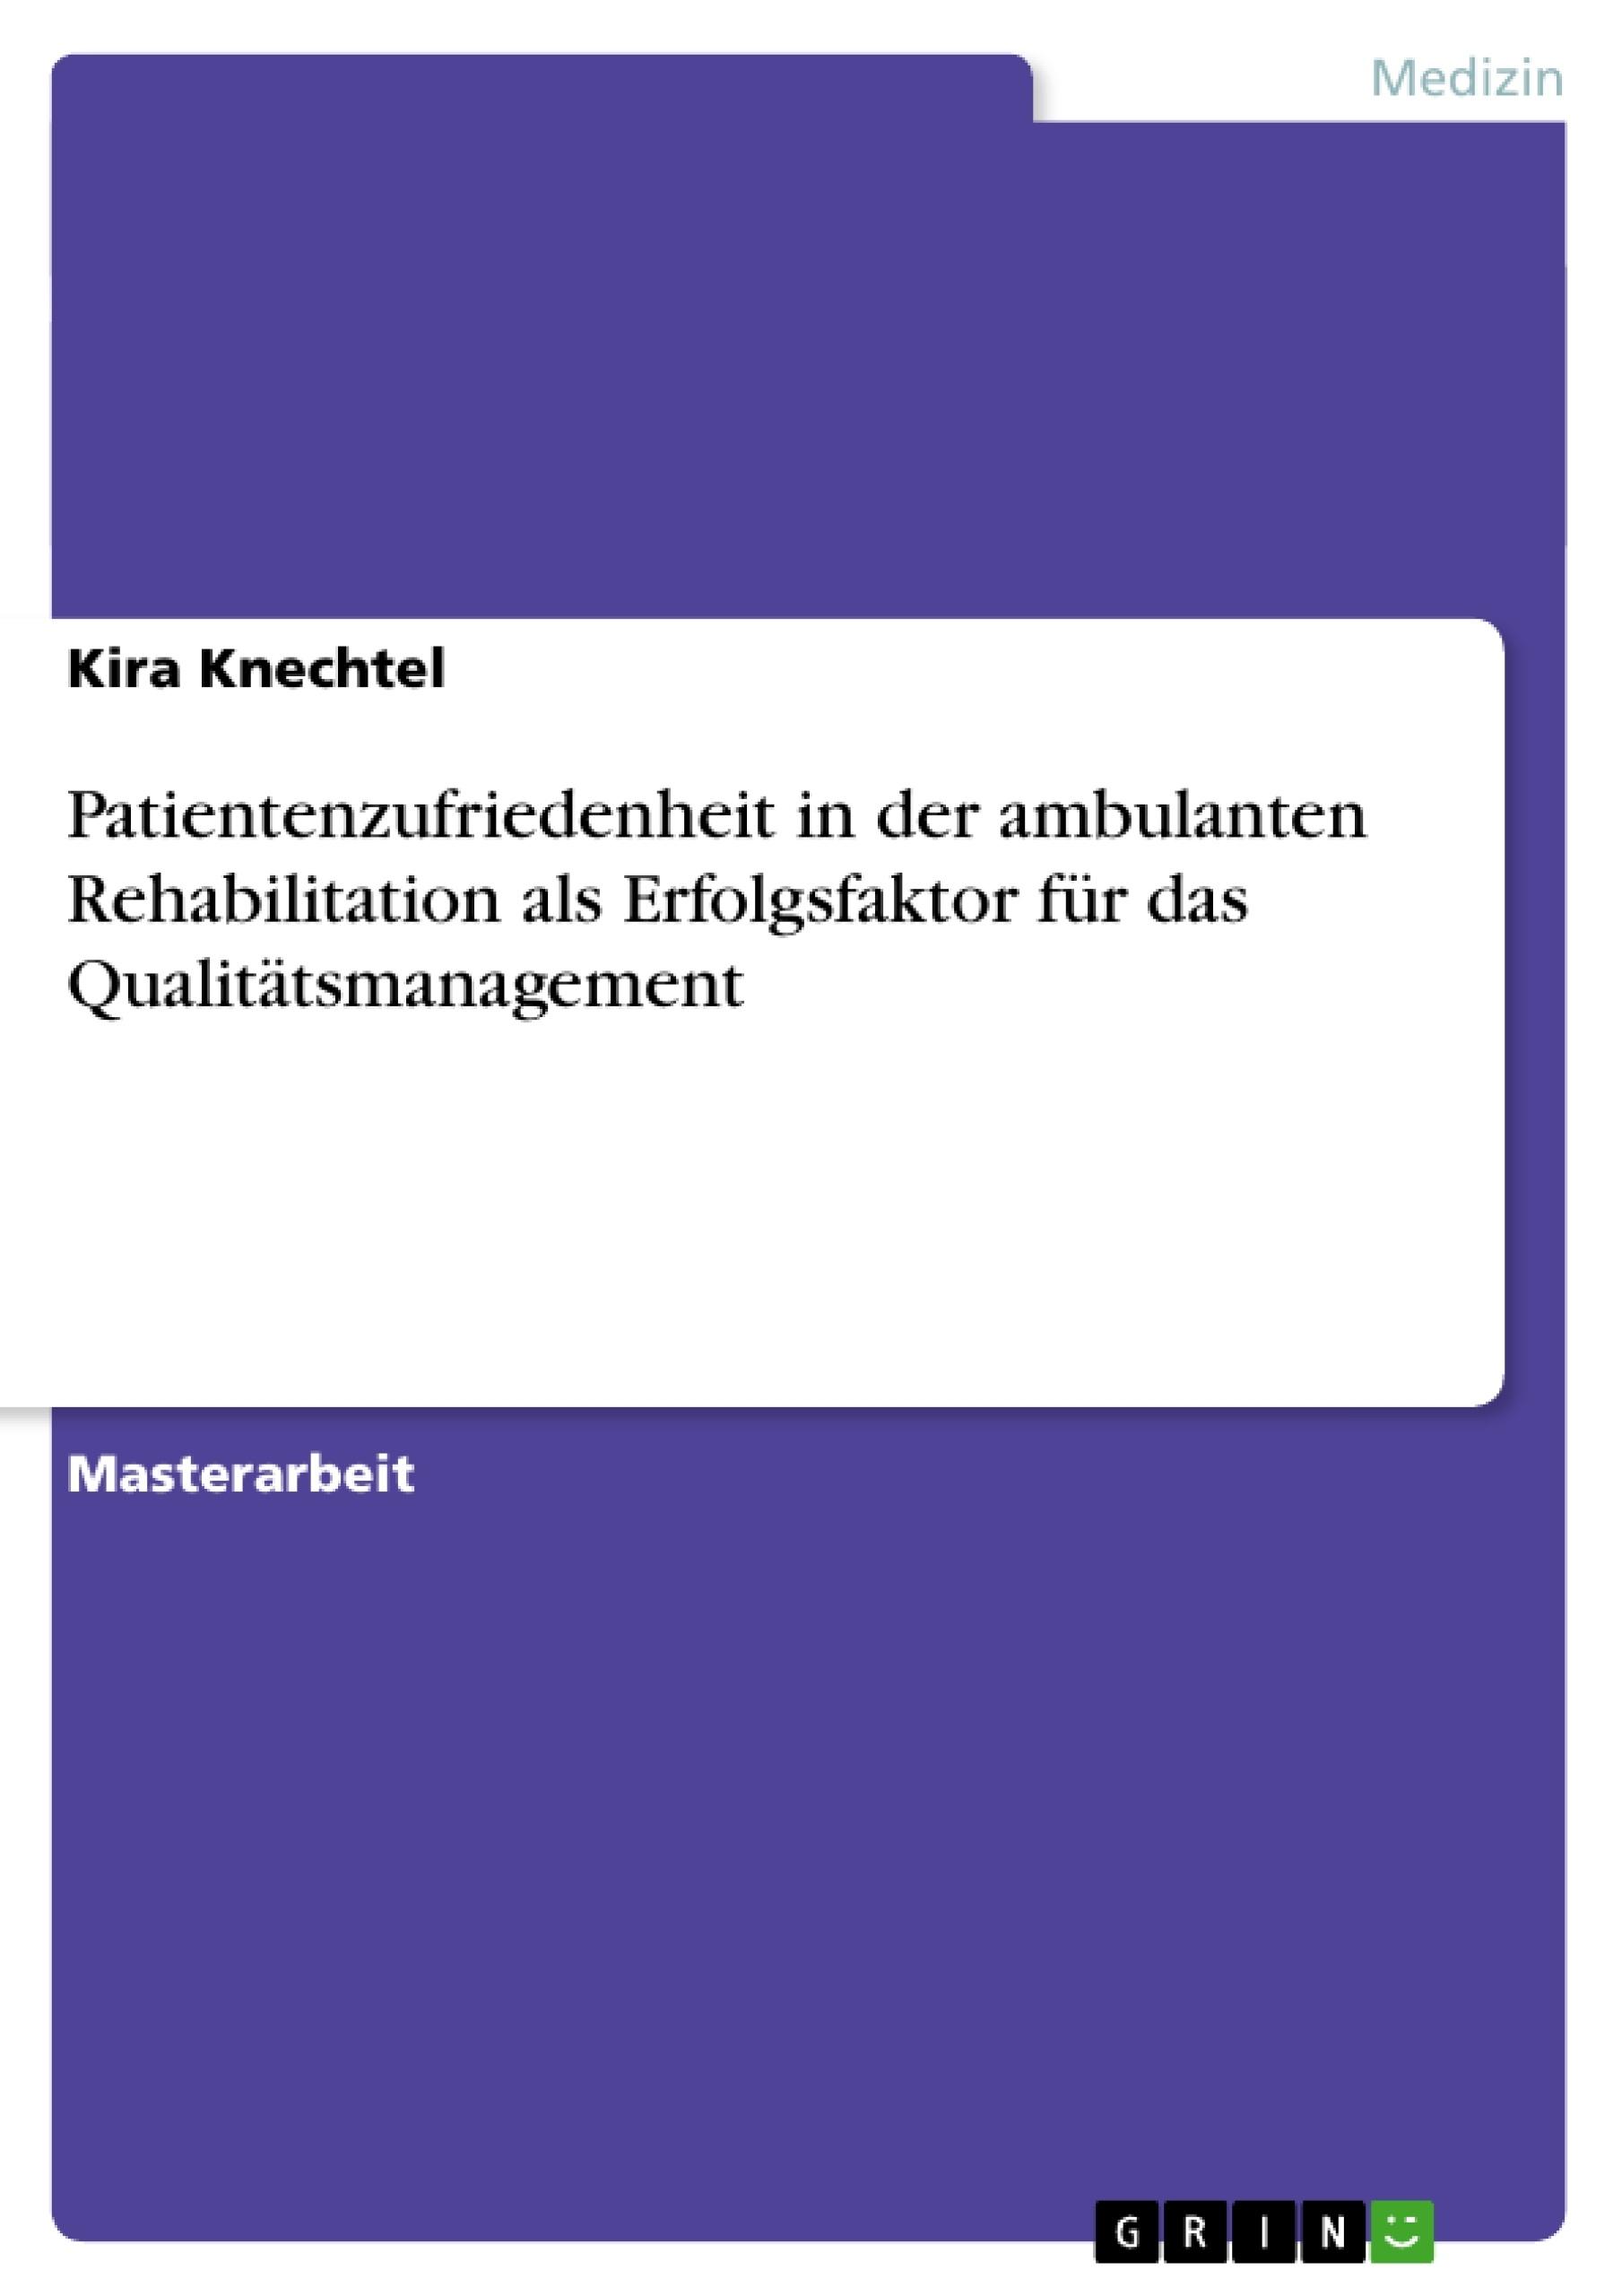 Titel: Patientenzufriedenheit in der ambulanten Rehabilitation als Erfolgsfaktor für das Qualitätsmanagement